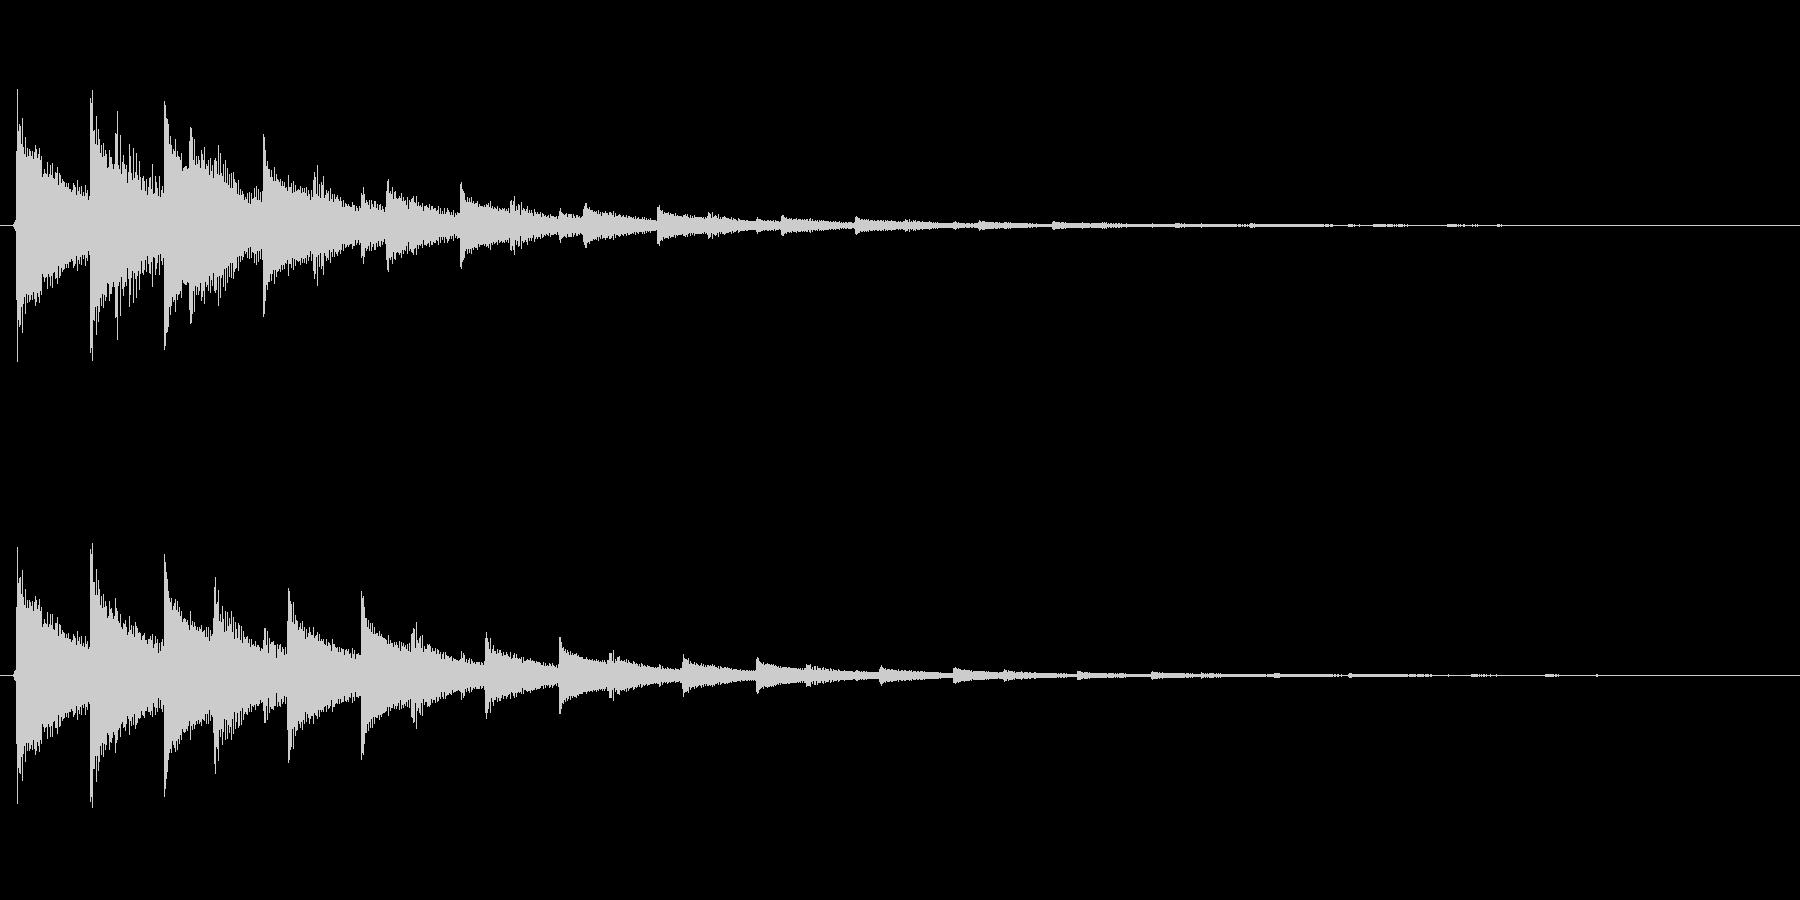 チャララン(決定音、シンセ、高めの音)の未再生の波形